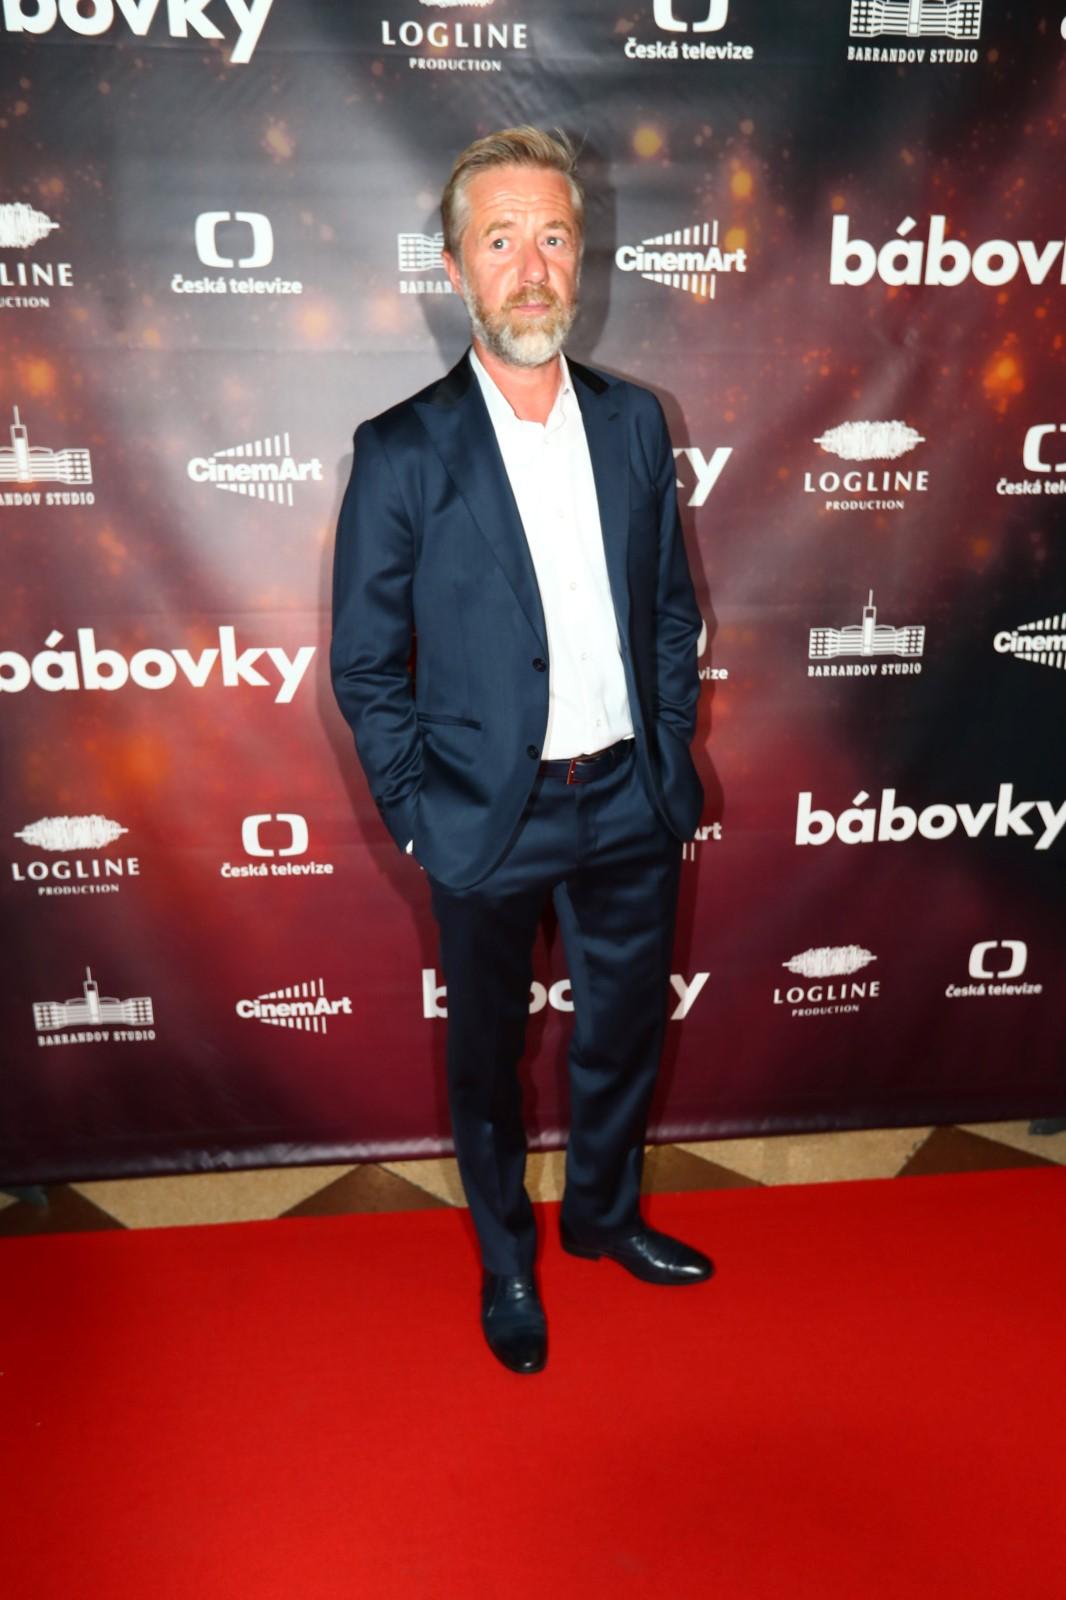 Premiéra filmu Bábovky: Jiří Langmajer